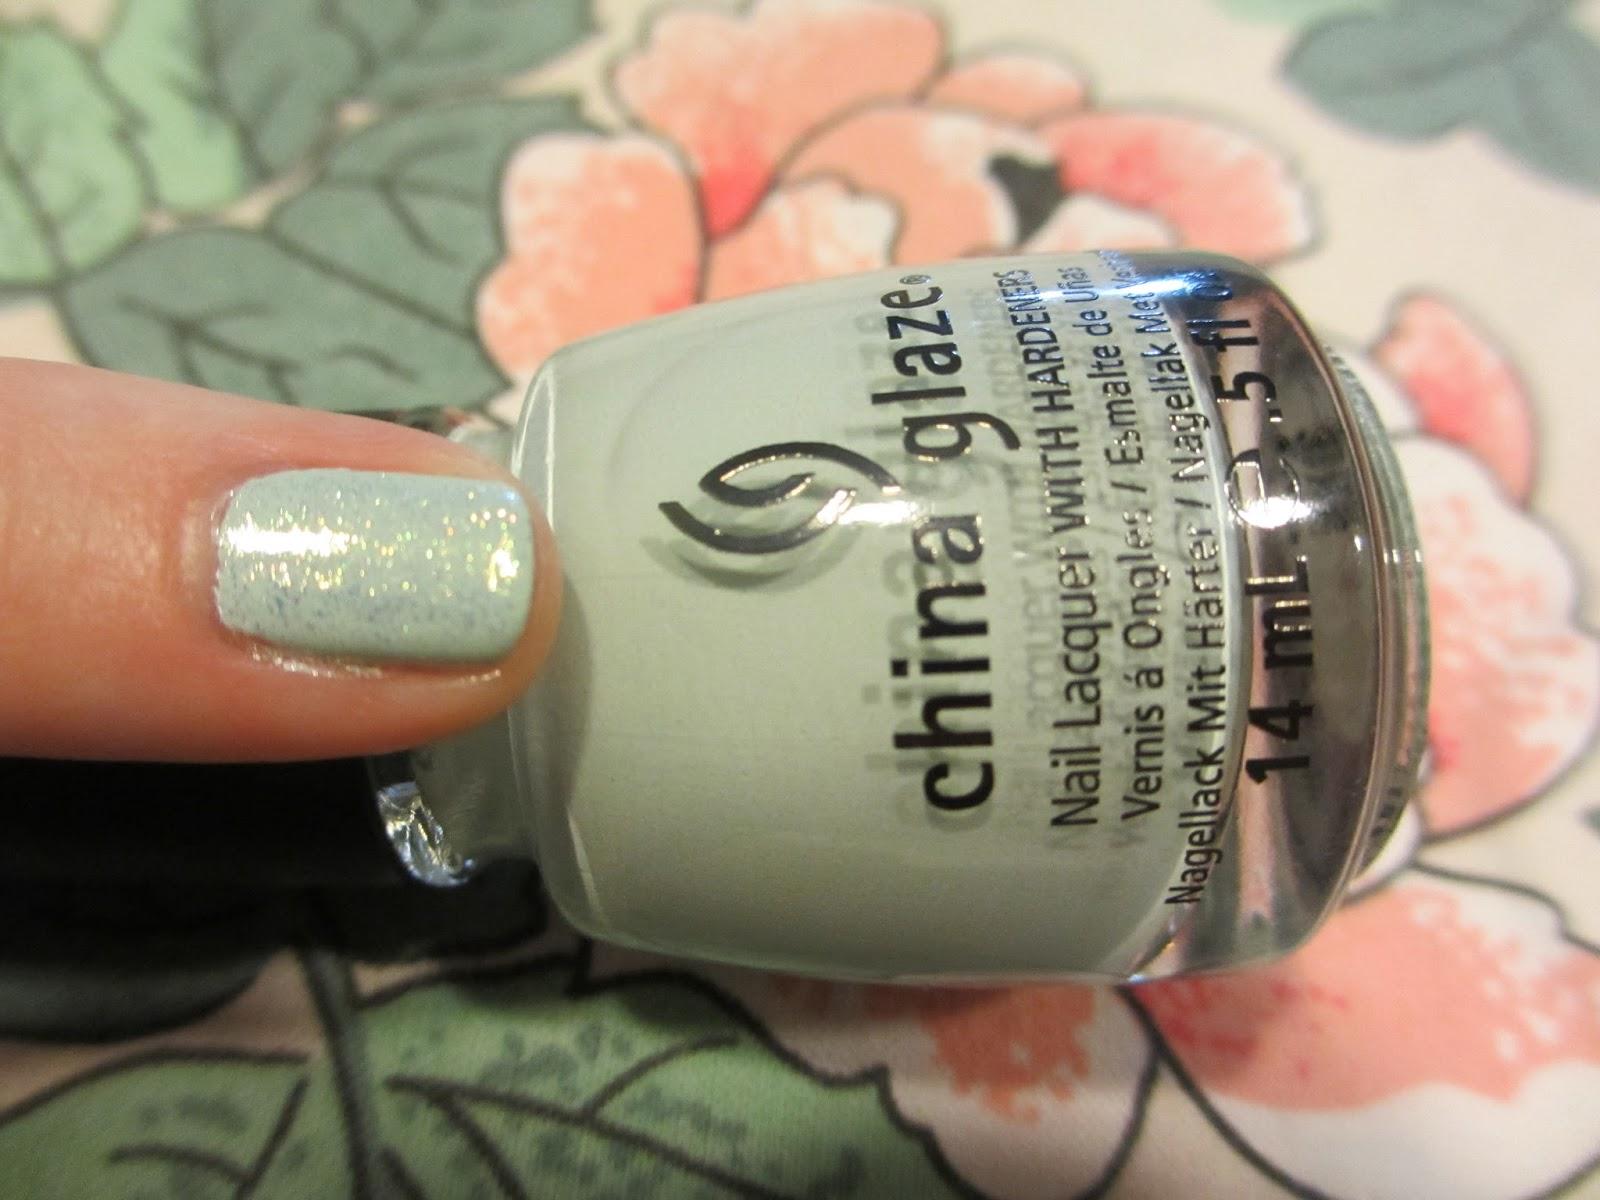 china glaze refresh-mint white cap